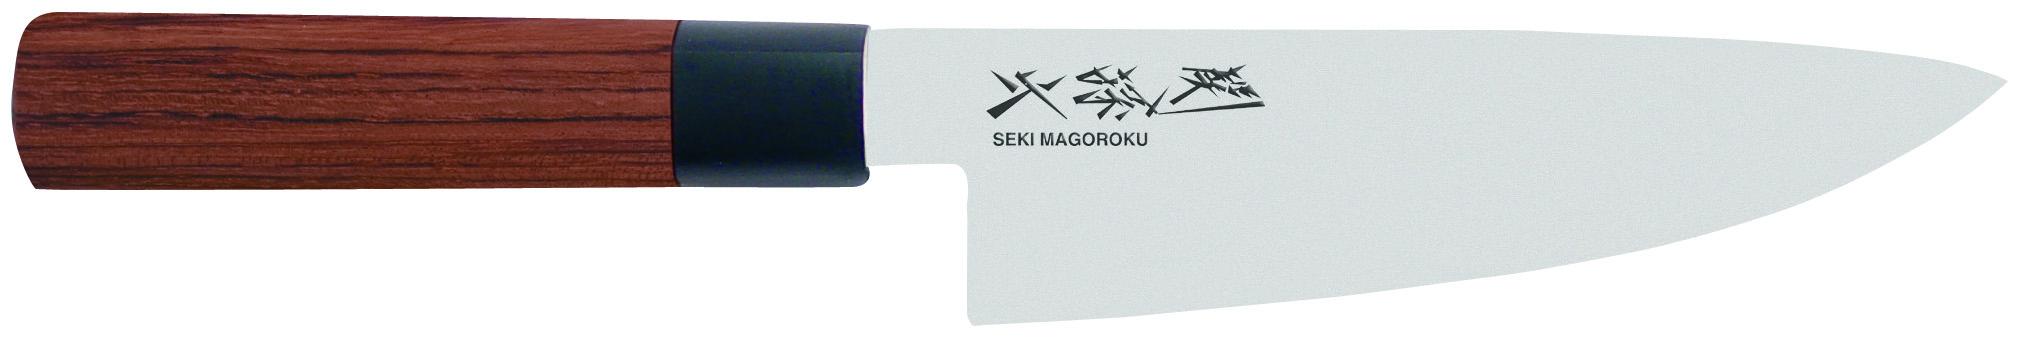 Kuchynský nôž šéfkuchára Seki Magoroku MGR-0150C